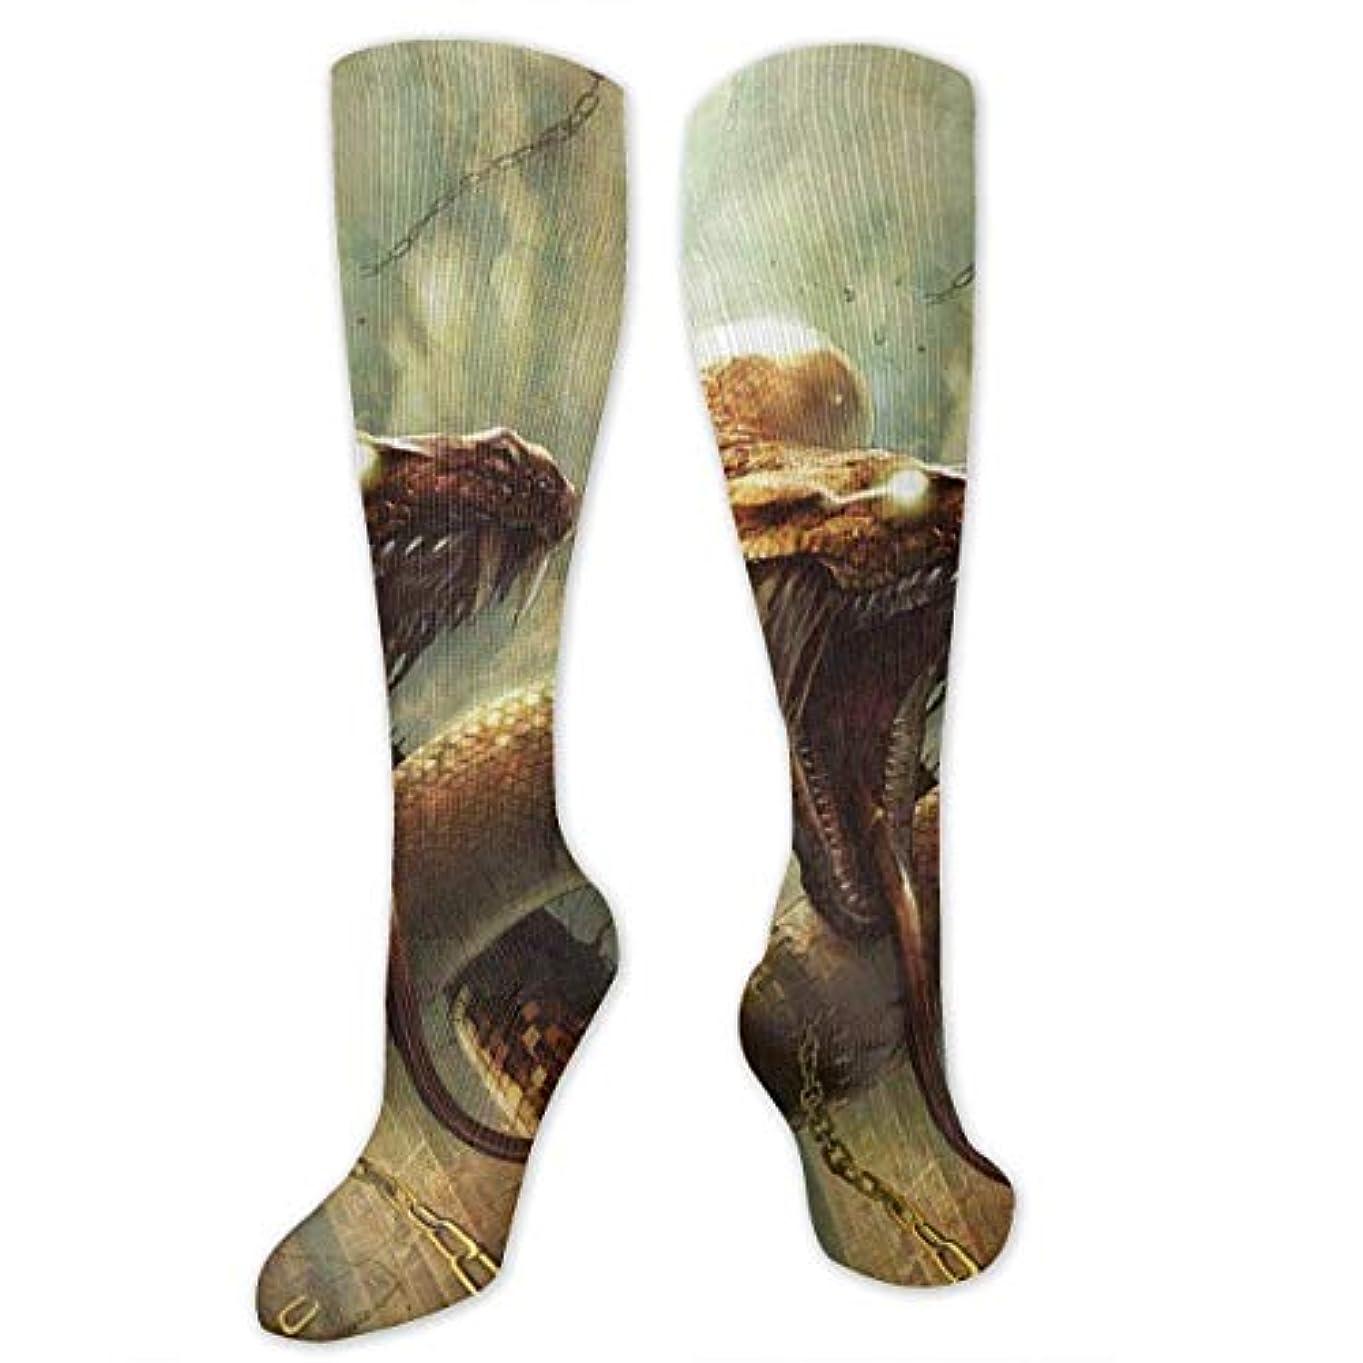 過剰負荷スモッグ靴下,ストッキング,野生のジョーカー,実際,秋の本質,冬必須,サマーウェア&RBXAA Fantasy Venomous Snake.jpg Socks Women's Winter Cotton Long Tube Socks...